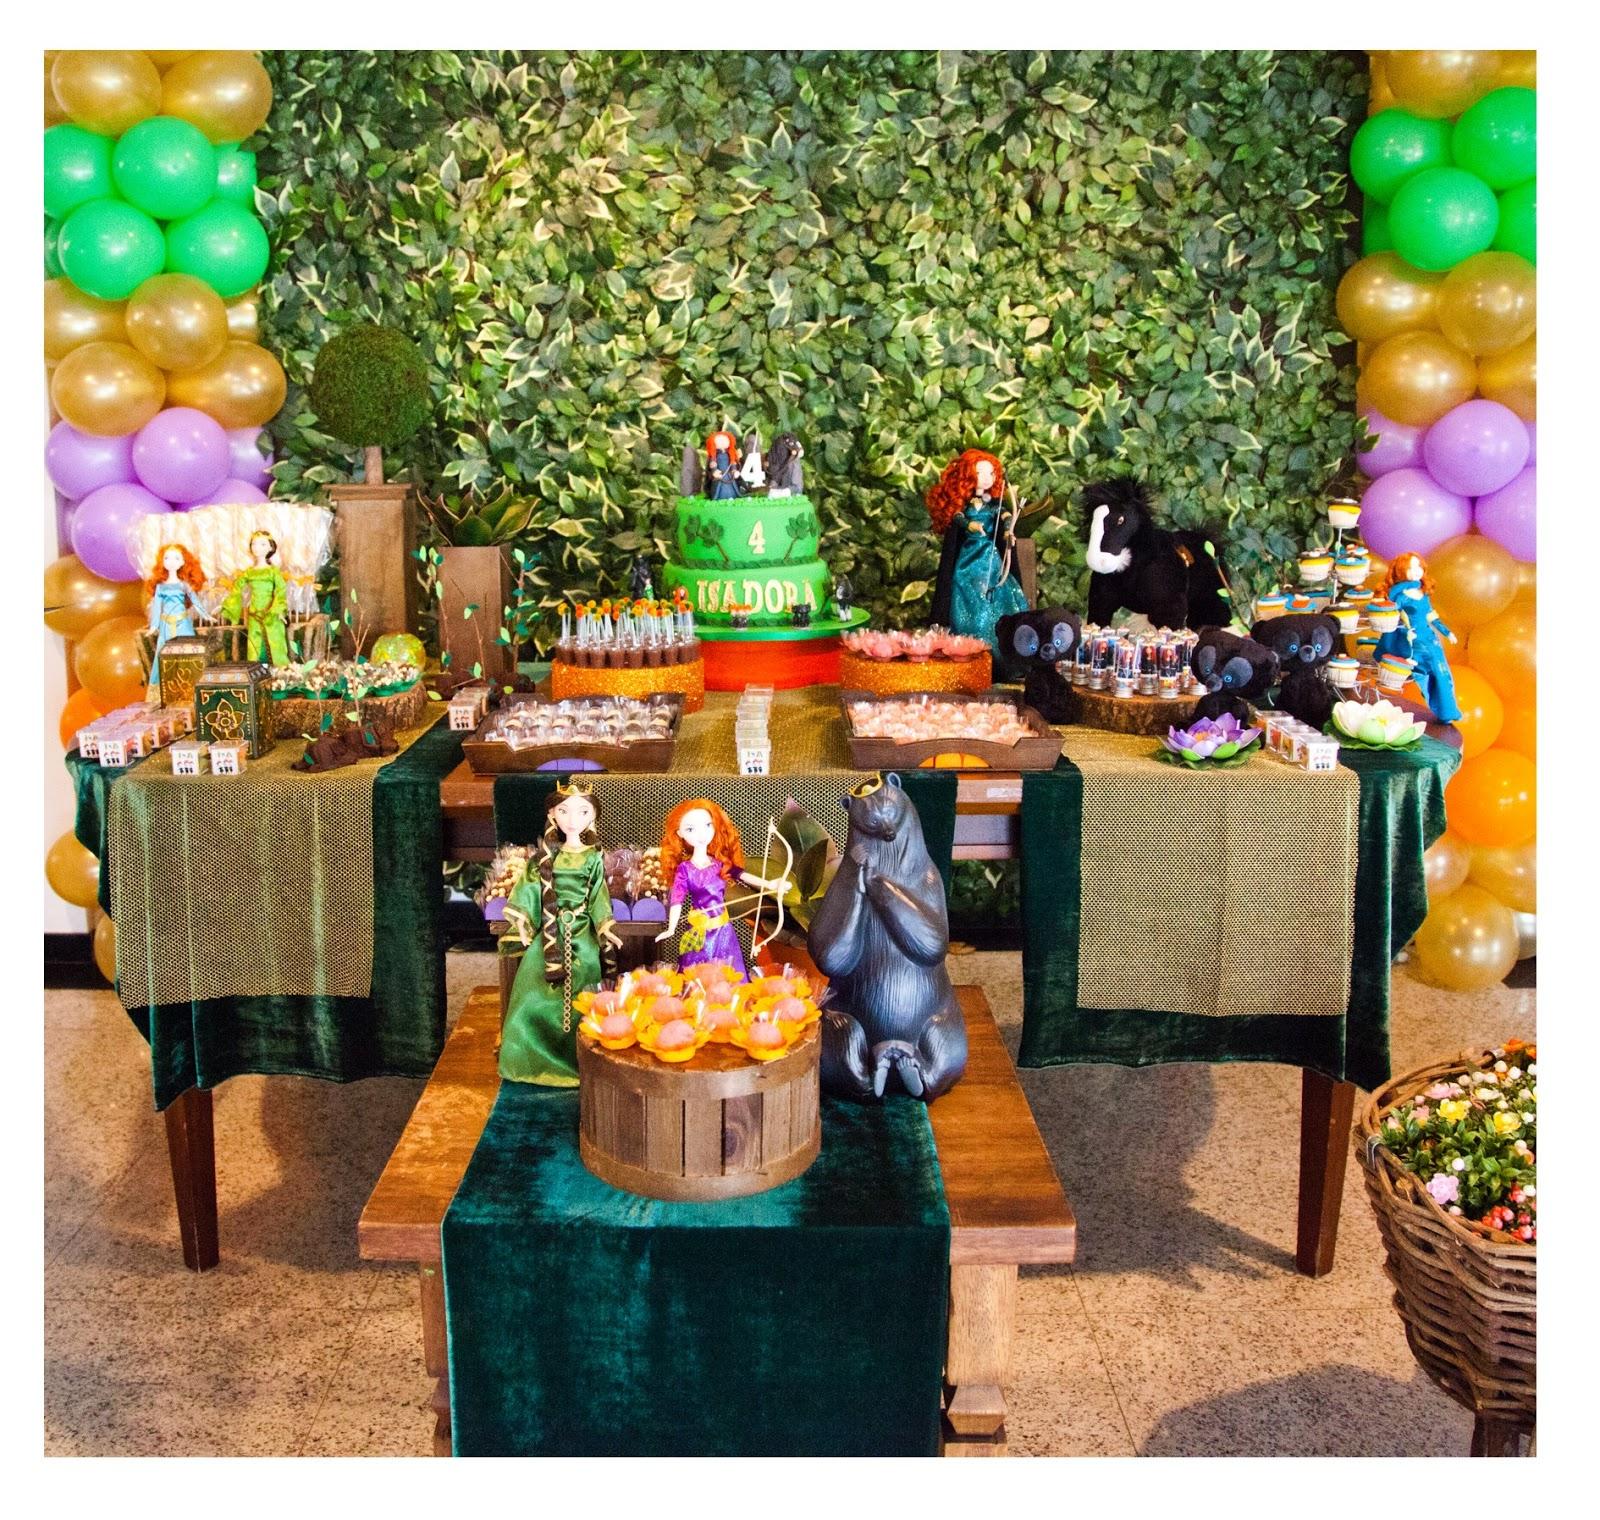 decoracao festa valente:Box, Festa infantil, Eventos, Festa a domicilio, Decoração: Valente